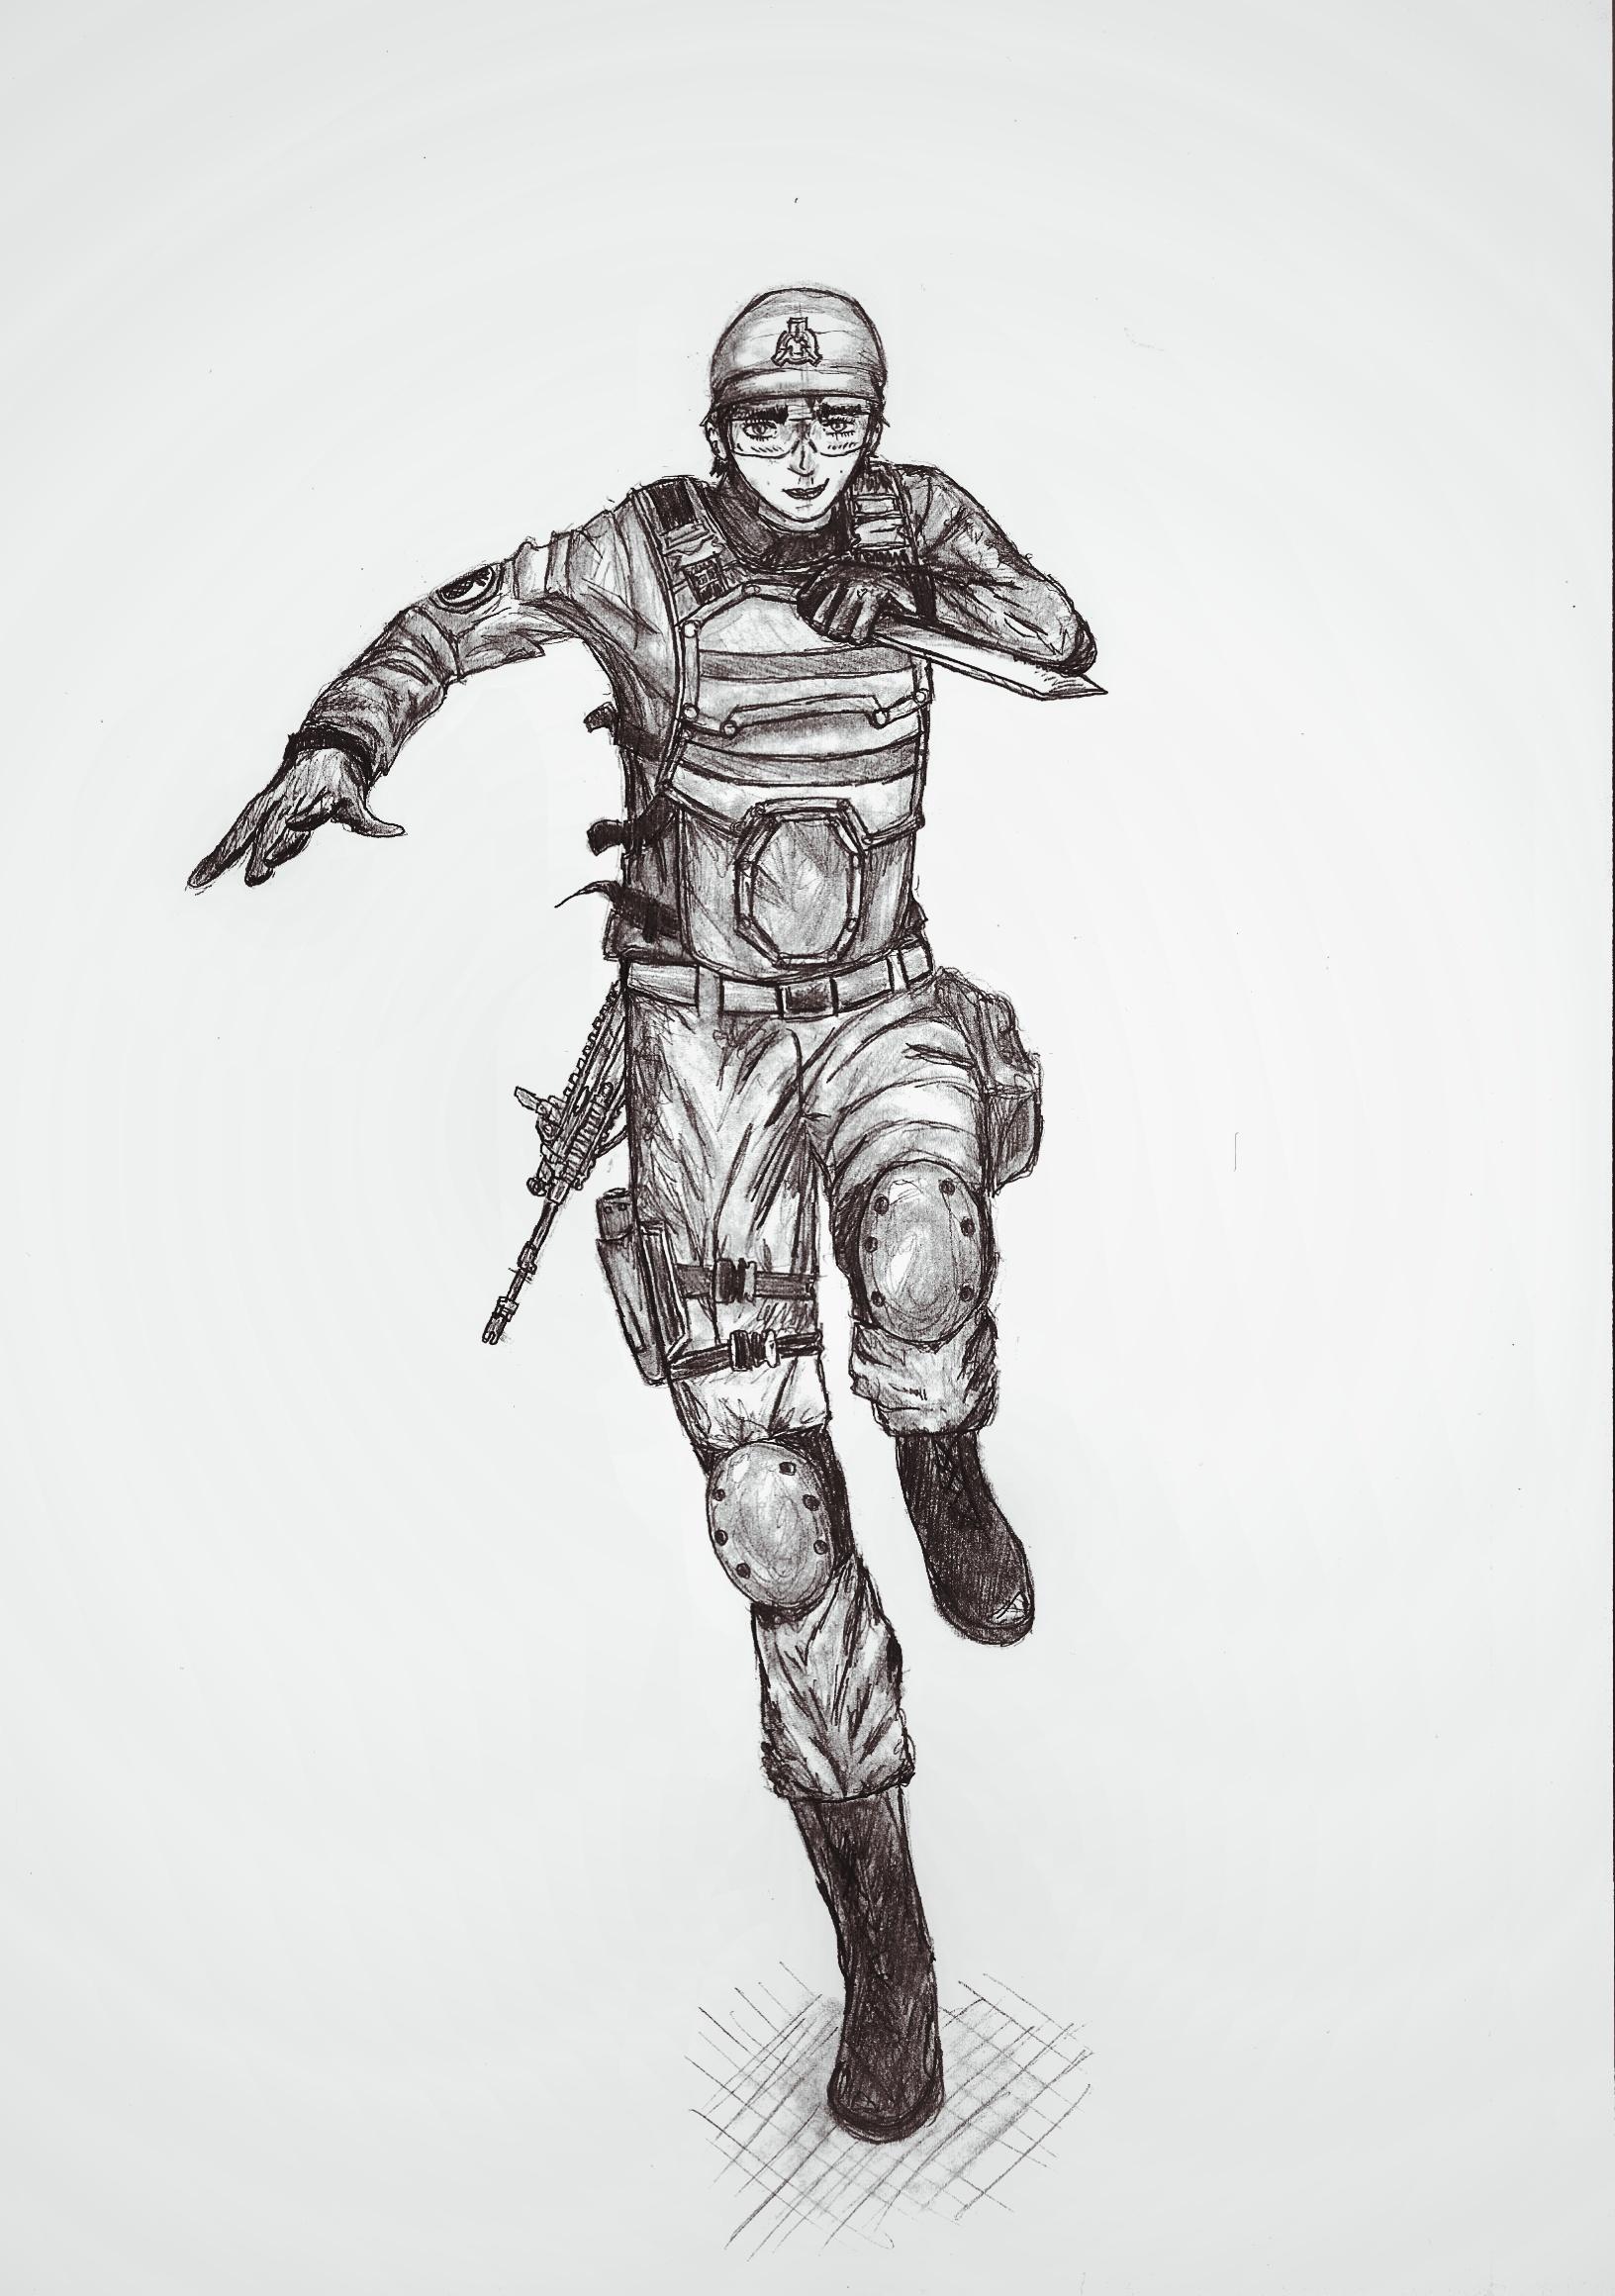 IllustrationOfKptRogers